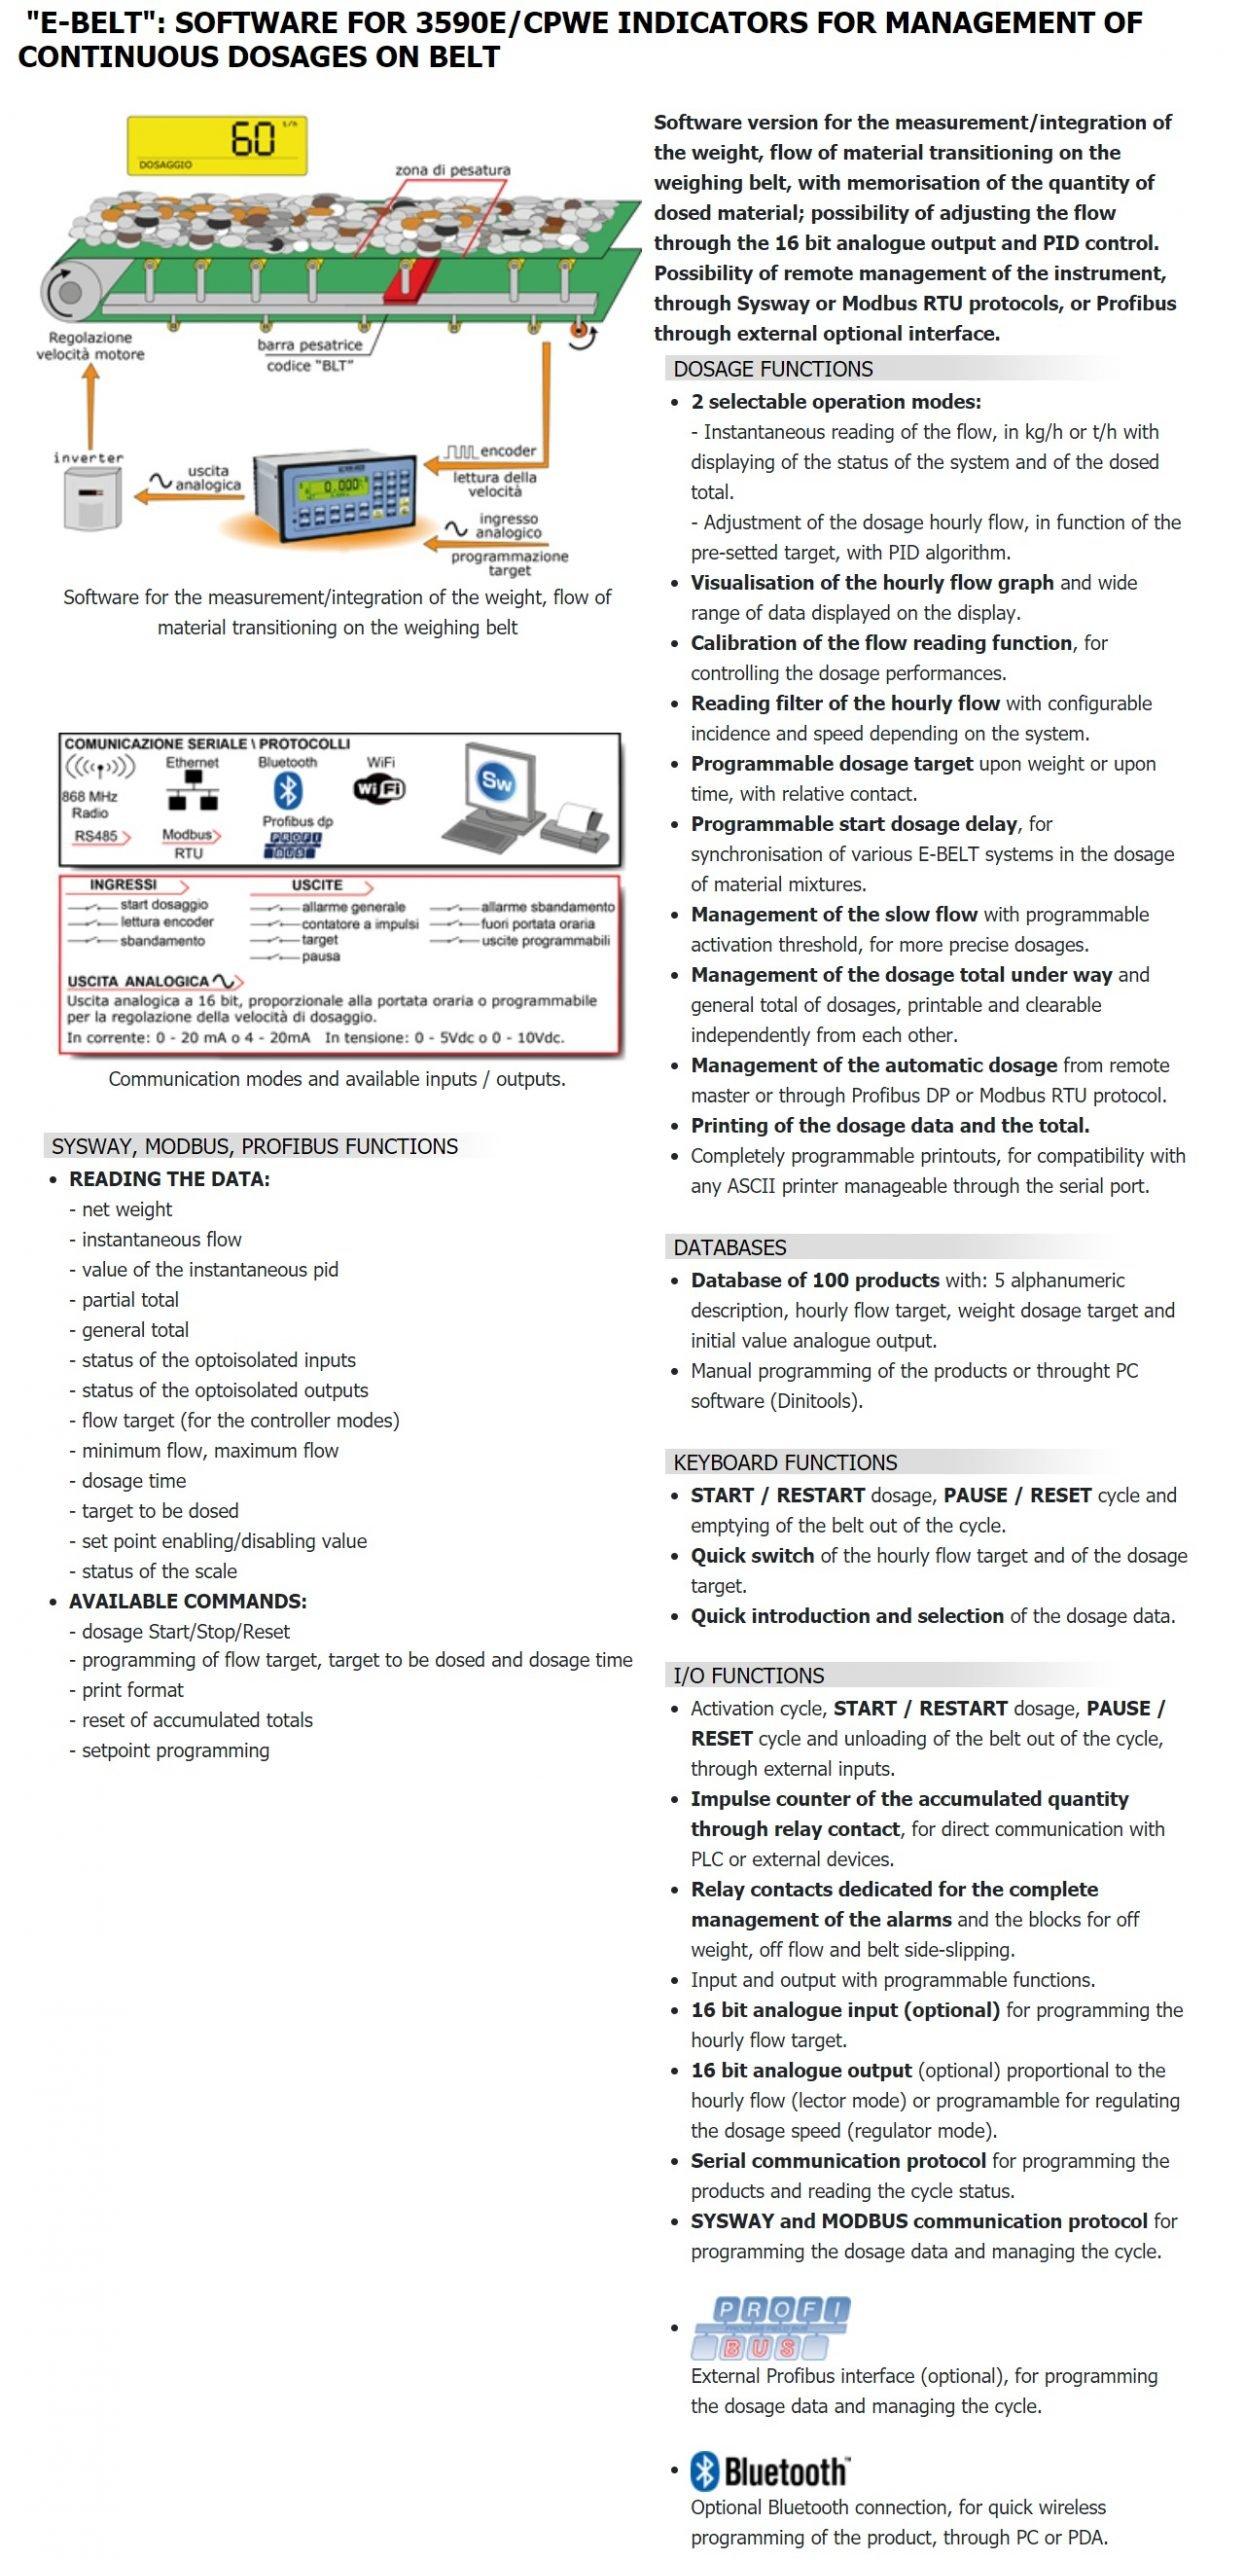 e-belt-PAGE